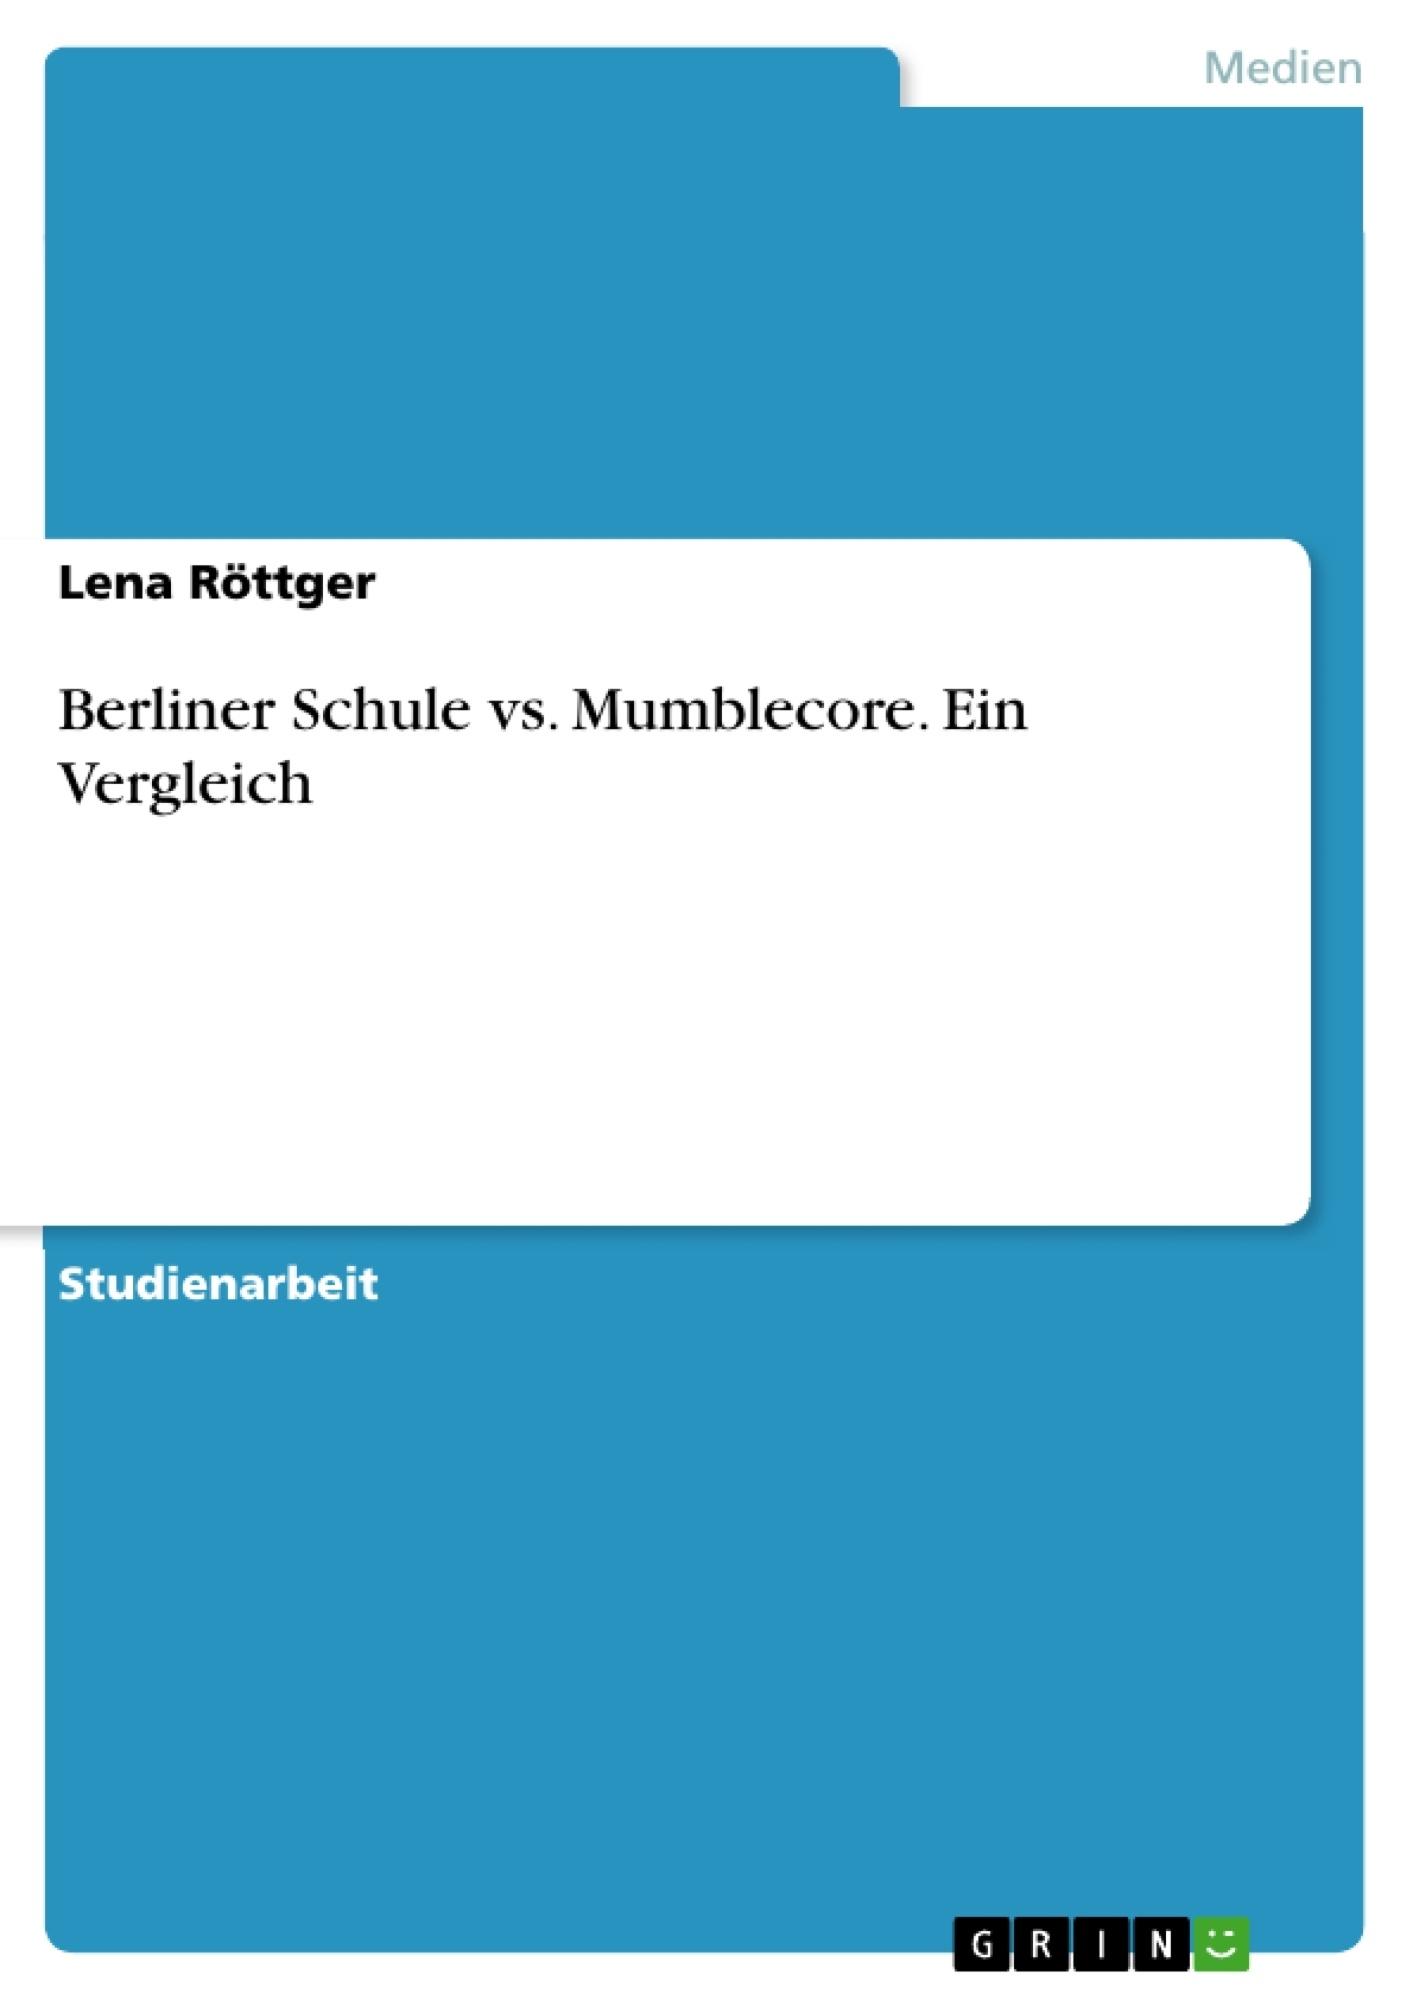 Titel: Berliner Schule vs. Mumblecore. Ein Vergleich